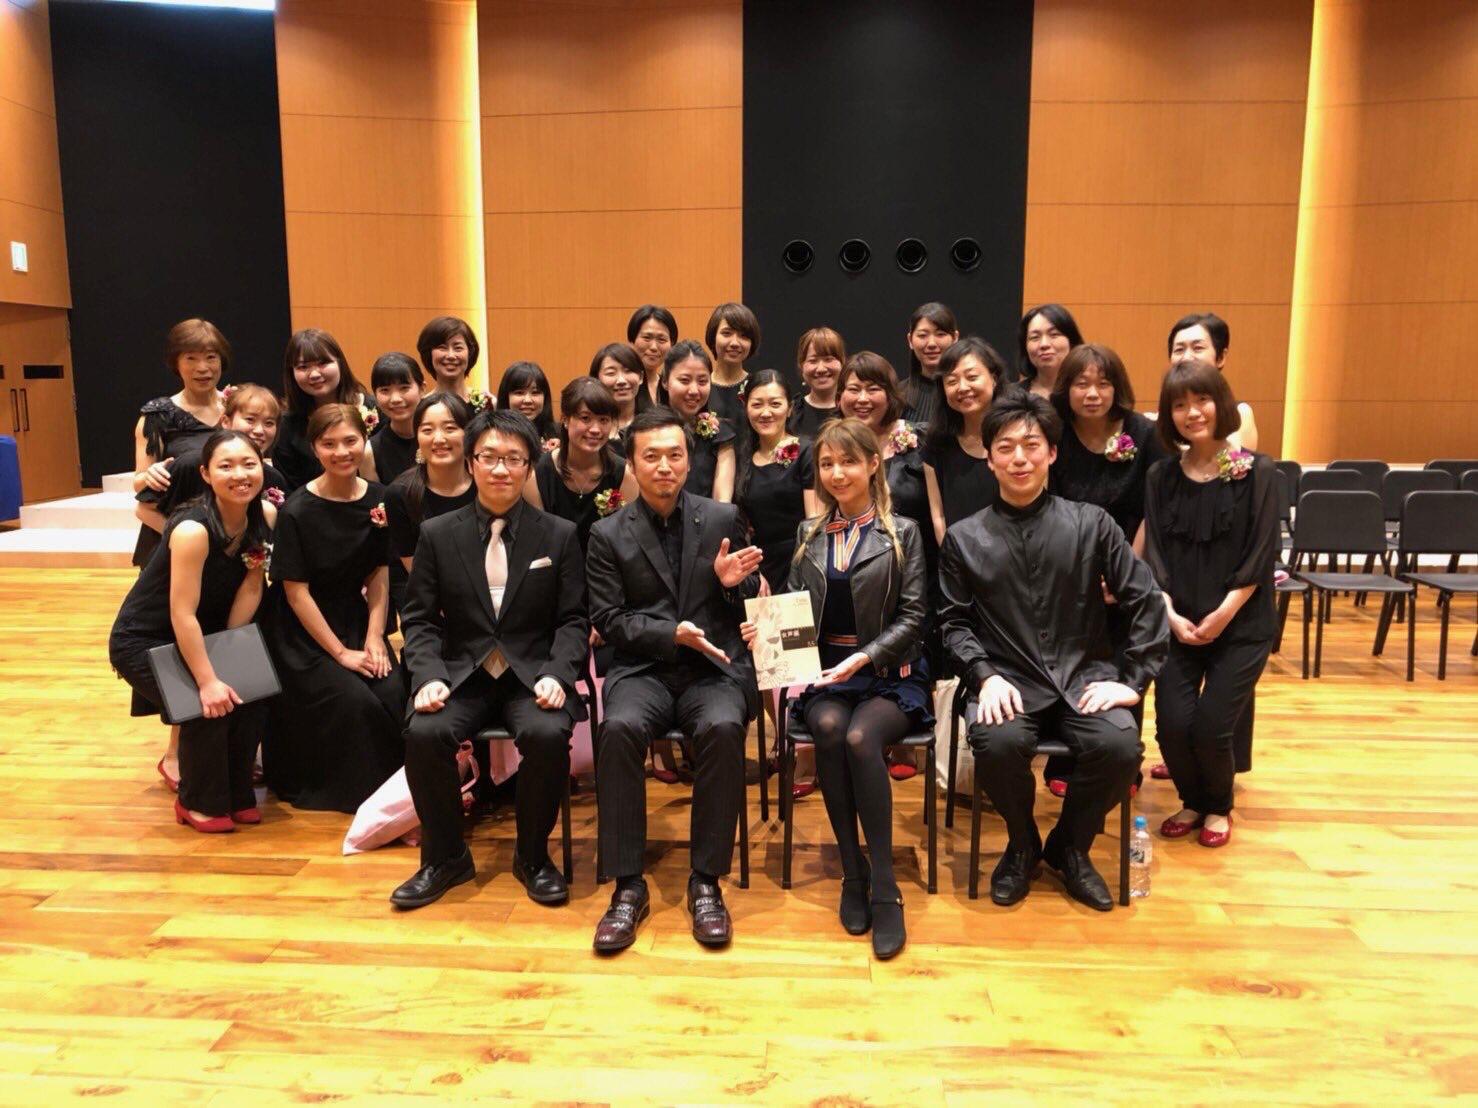 Timeの作詩を手掛けたサラ・オレインさんと、作曲家の加藤昌則先生とともに。